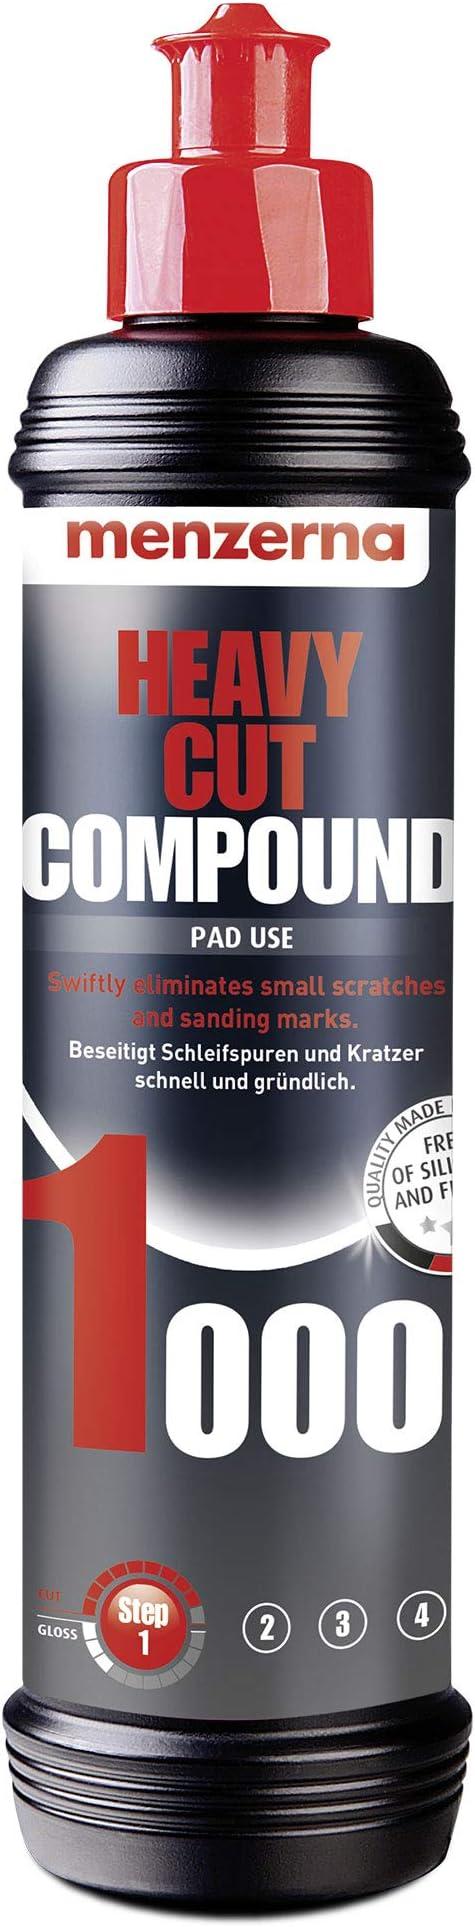 Menzerna Heavy Cut Compound Schleifpaste 1000 250ml Auto